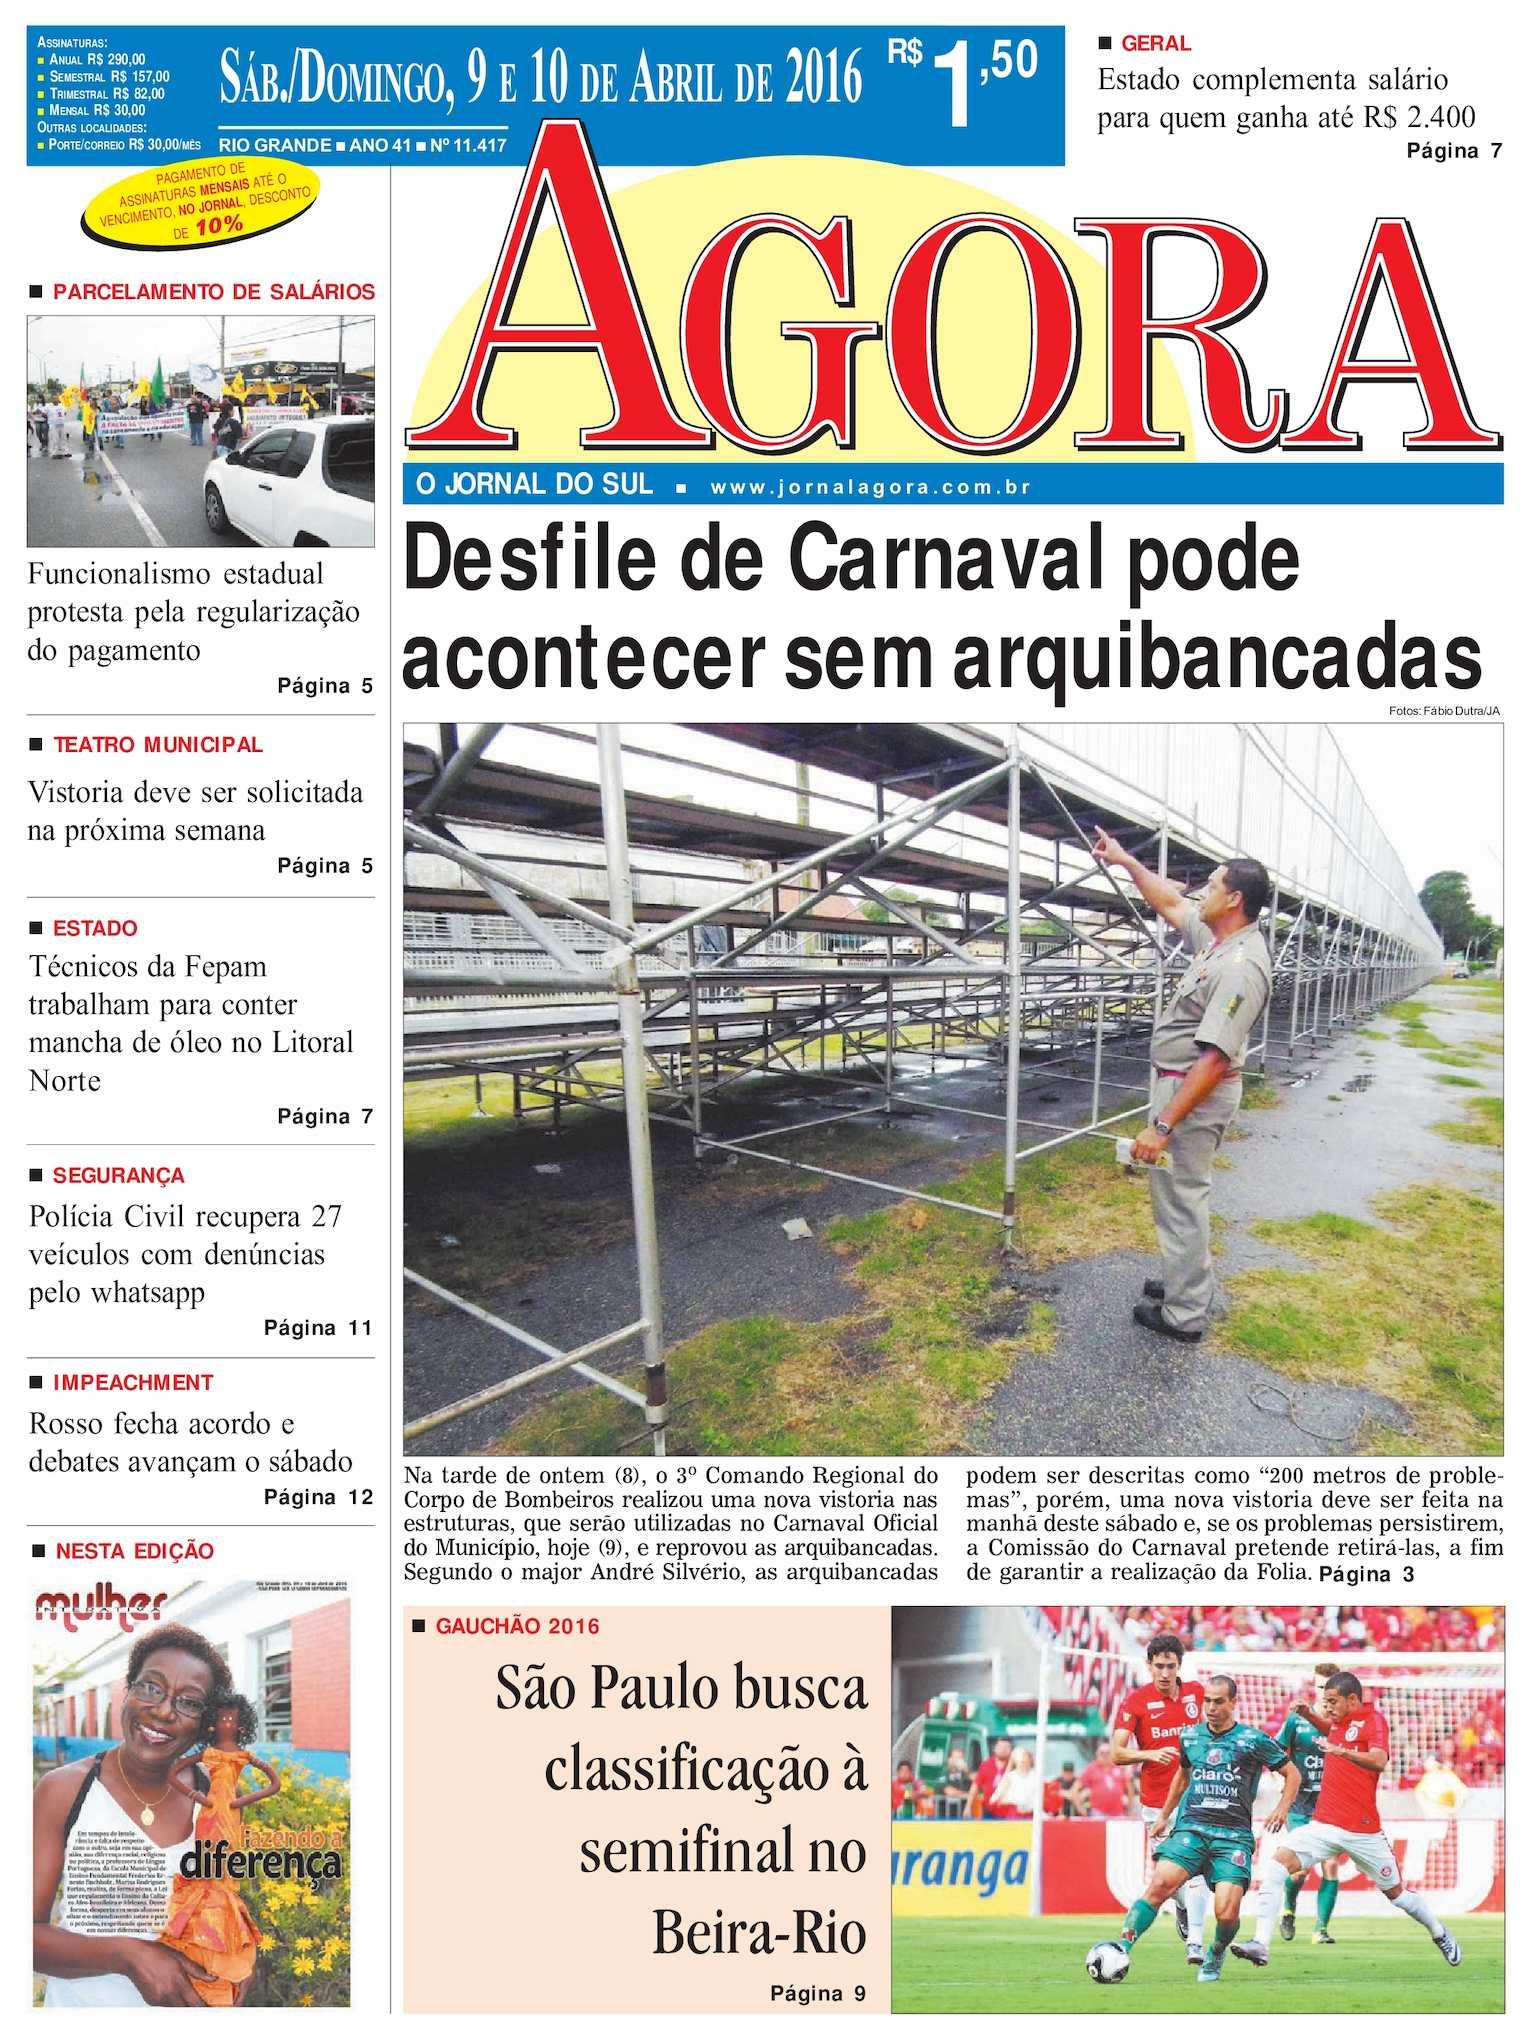 5946f91c1acc7 Calaméo - Jornal Agora - Edição 11417 - 9 e 10 de Abril de 2016